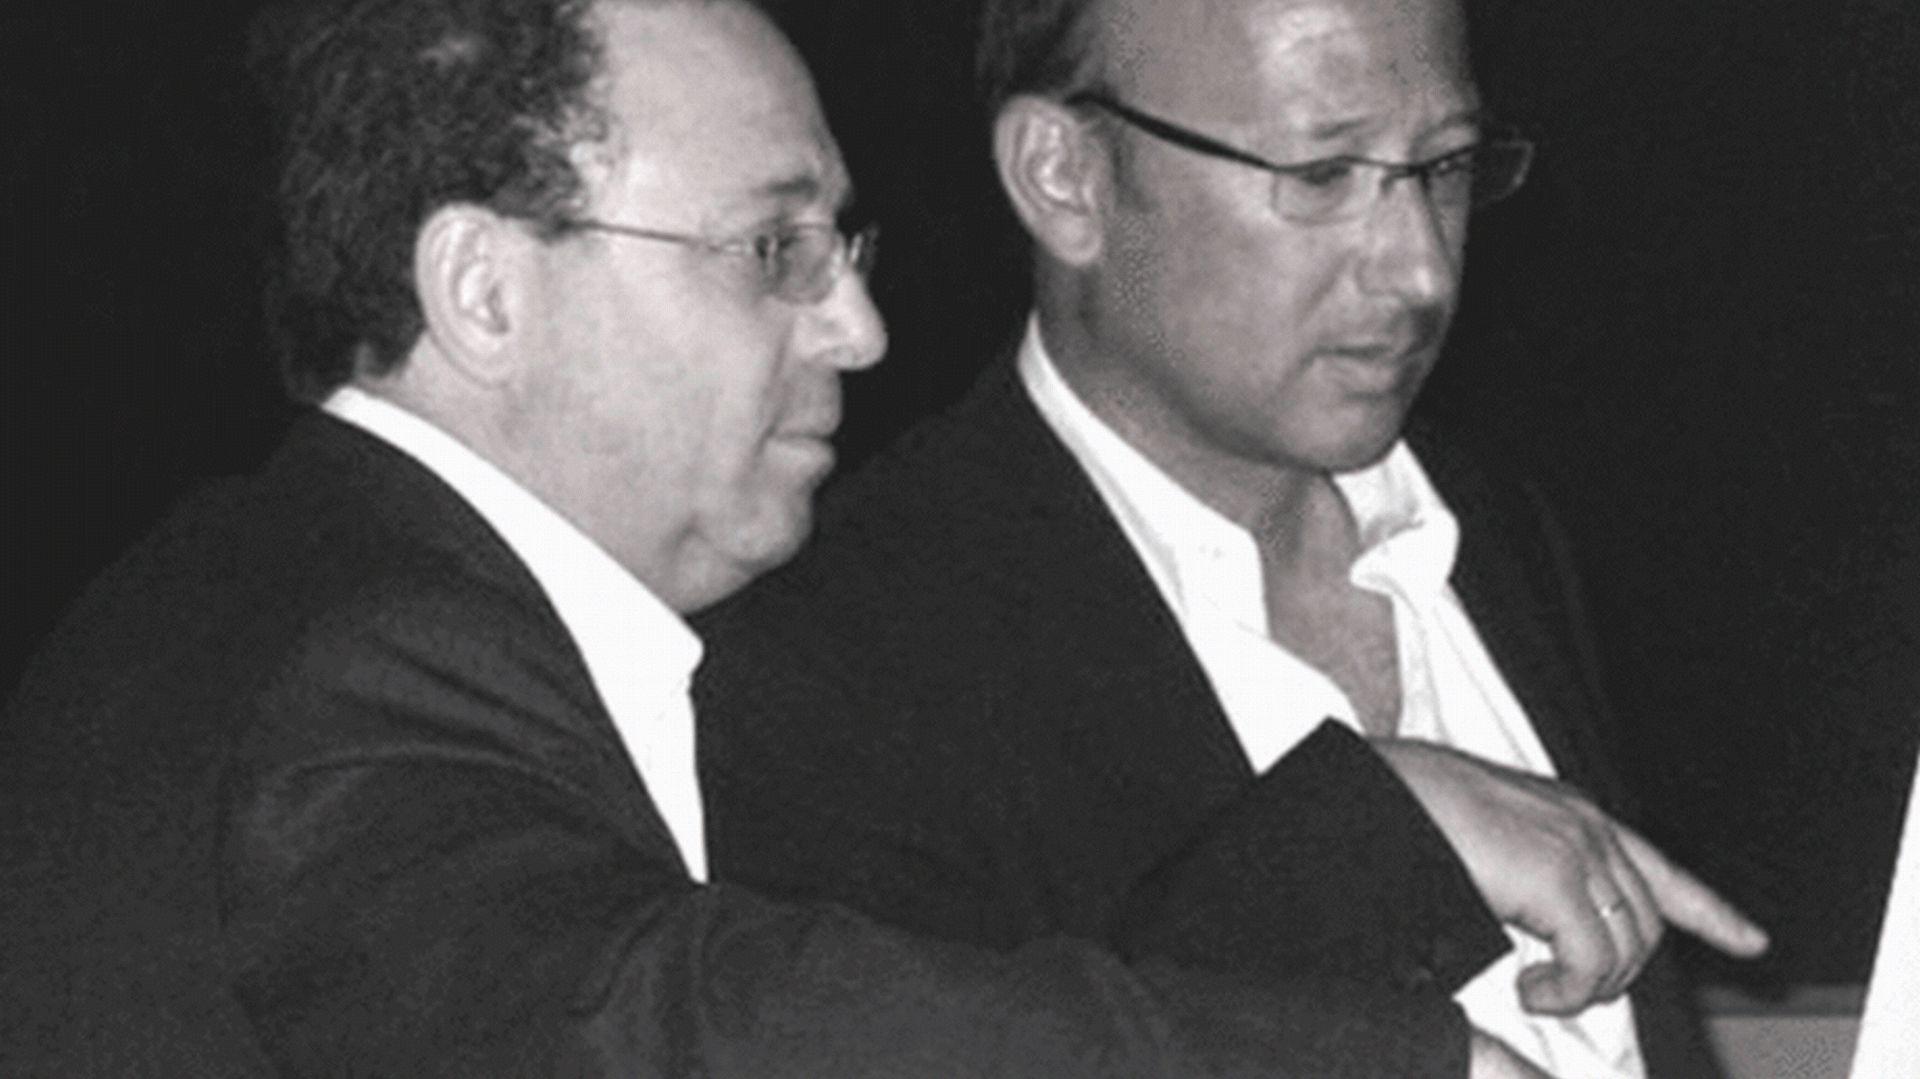 Po lewej stronie widzimy Asafa Gottesmana, partner biznesowy i architekt Amina Szmelcmana (po prawej). Fot. Gottesman-Szmelcman